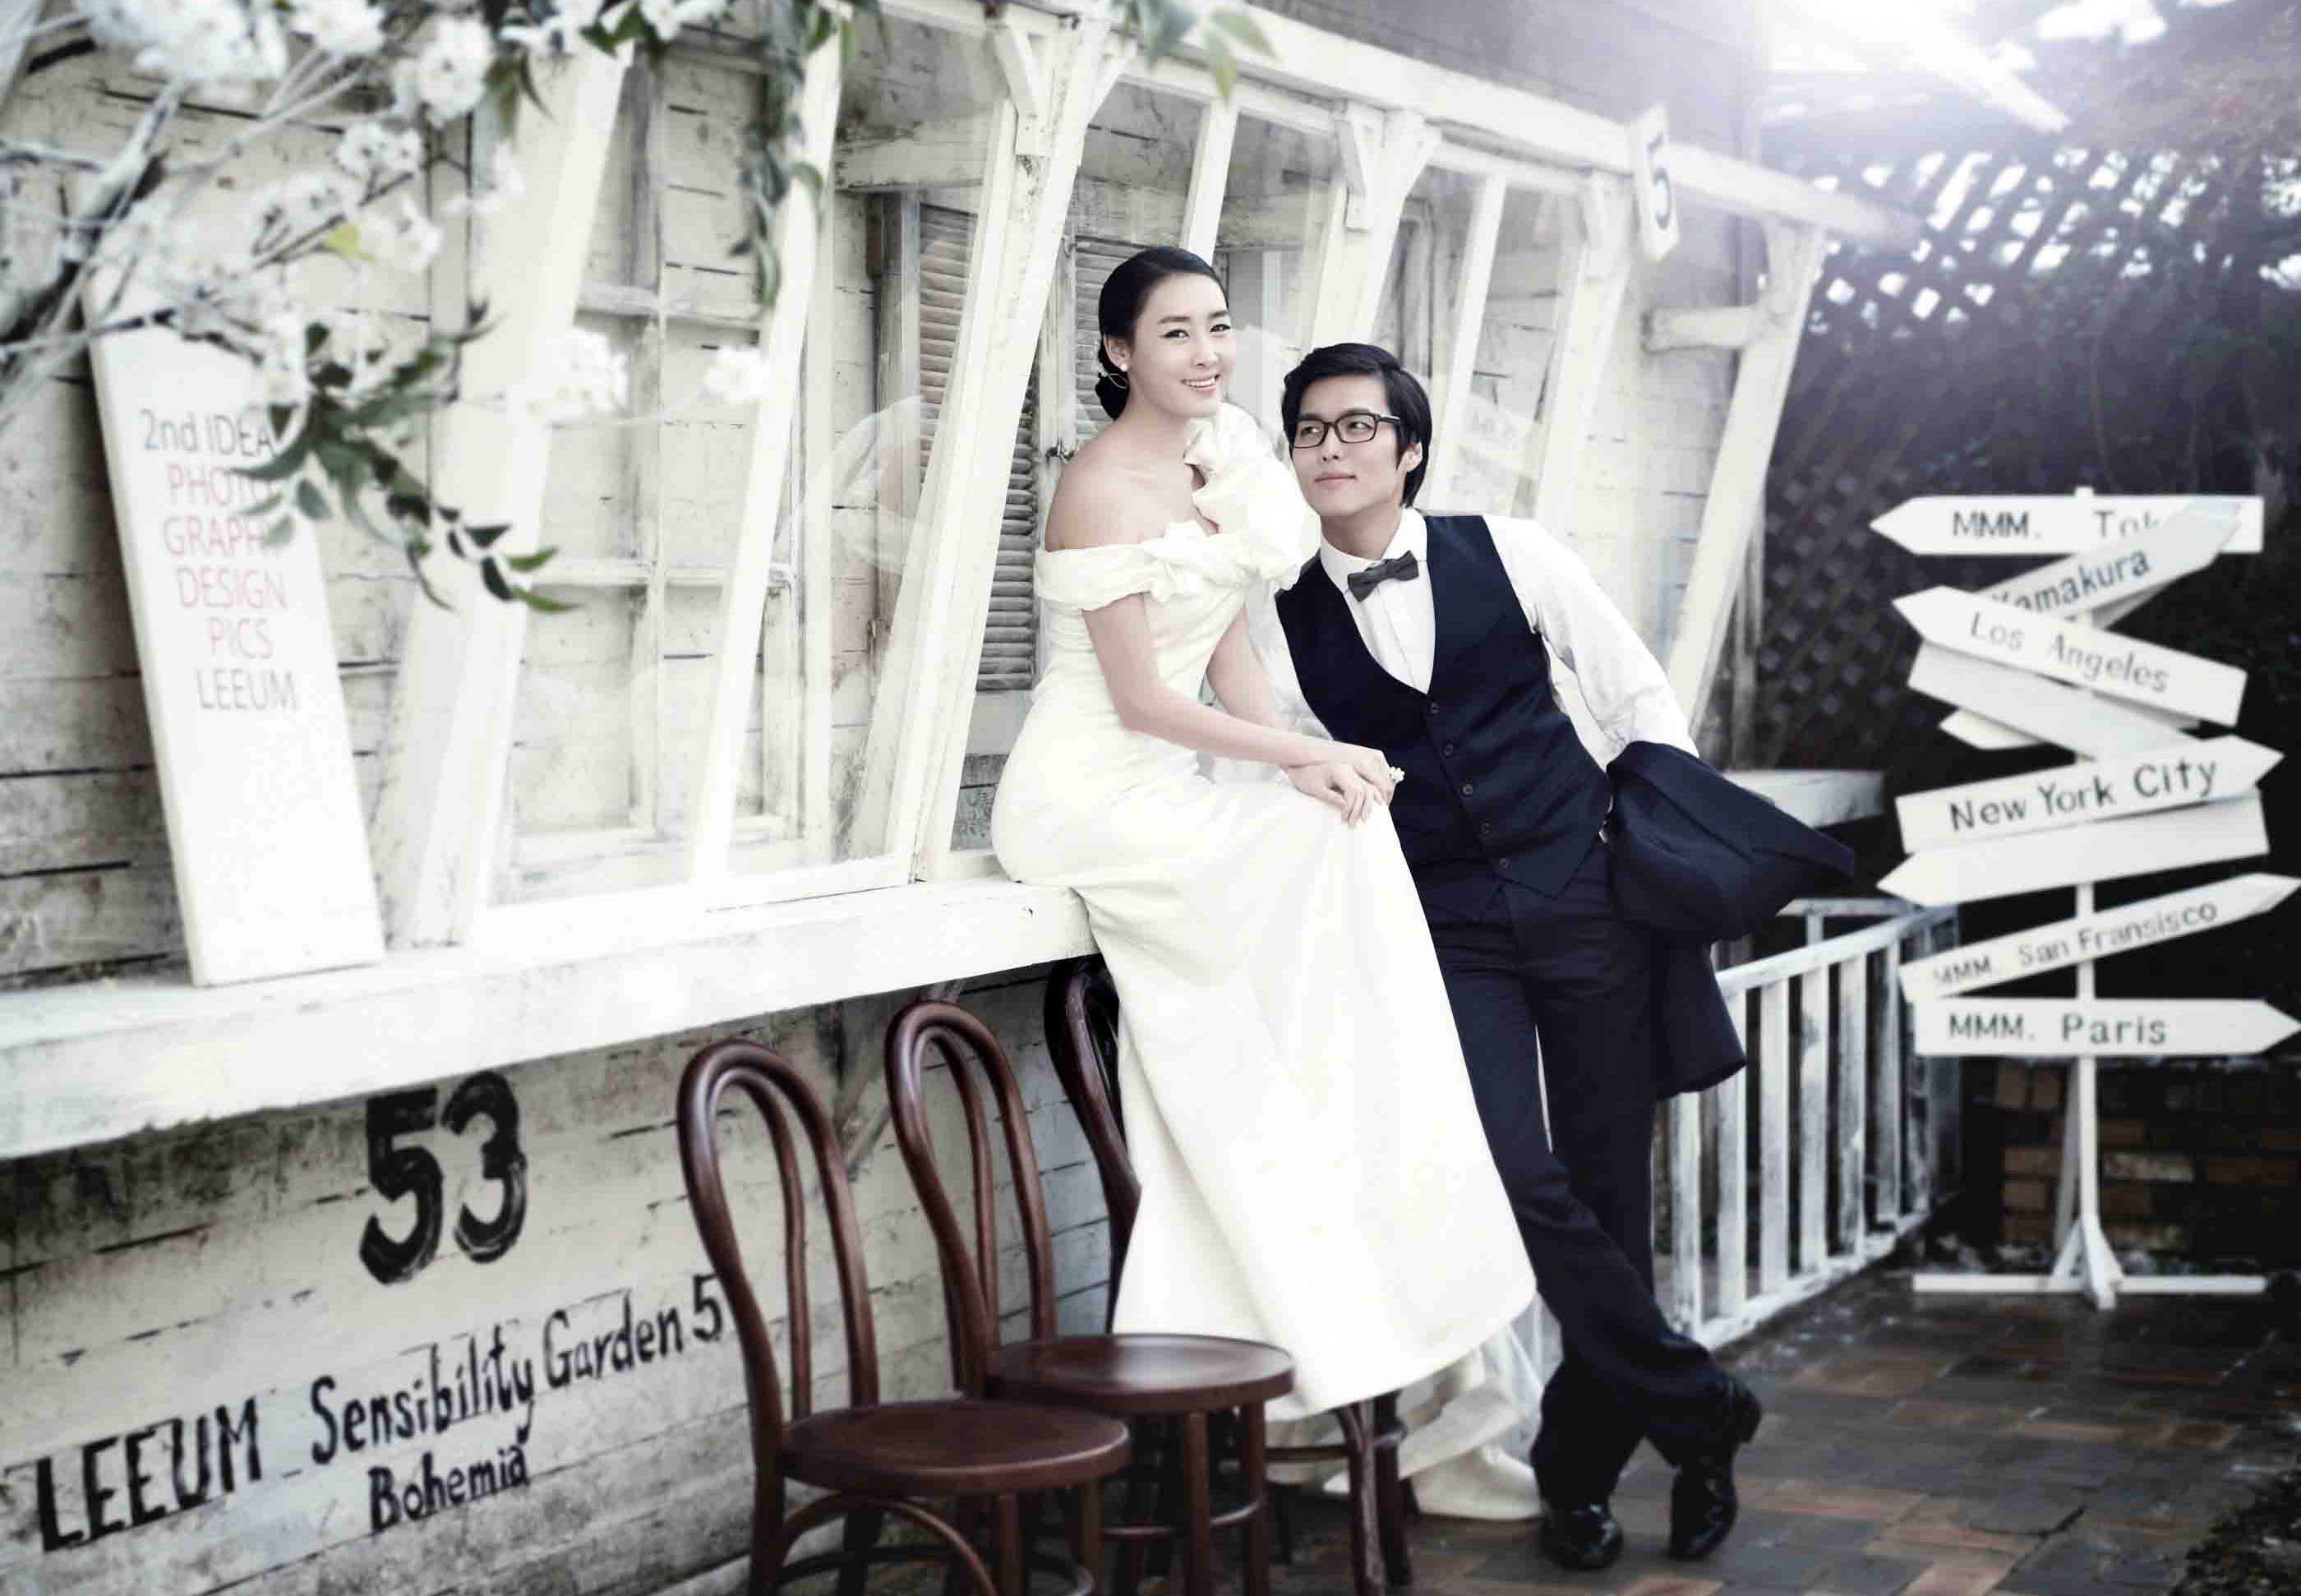 蜜月旅游全外景婚纱照 时尚diy婚纱照应选择那种婚纱摄影工高清图片